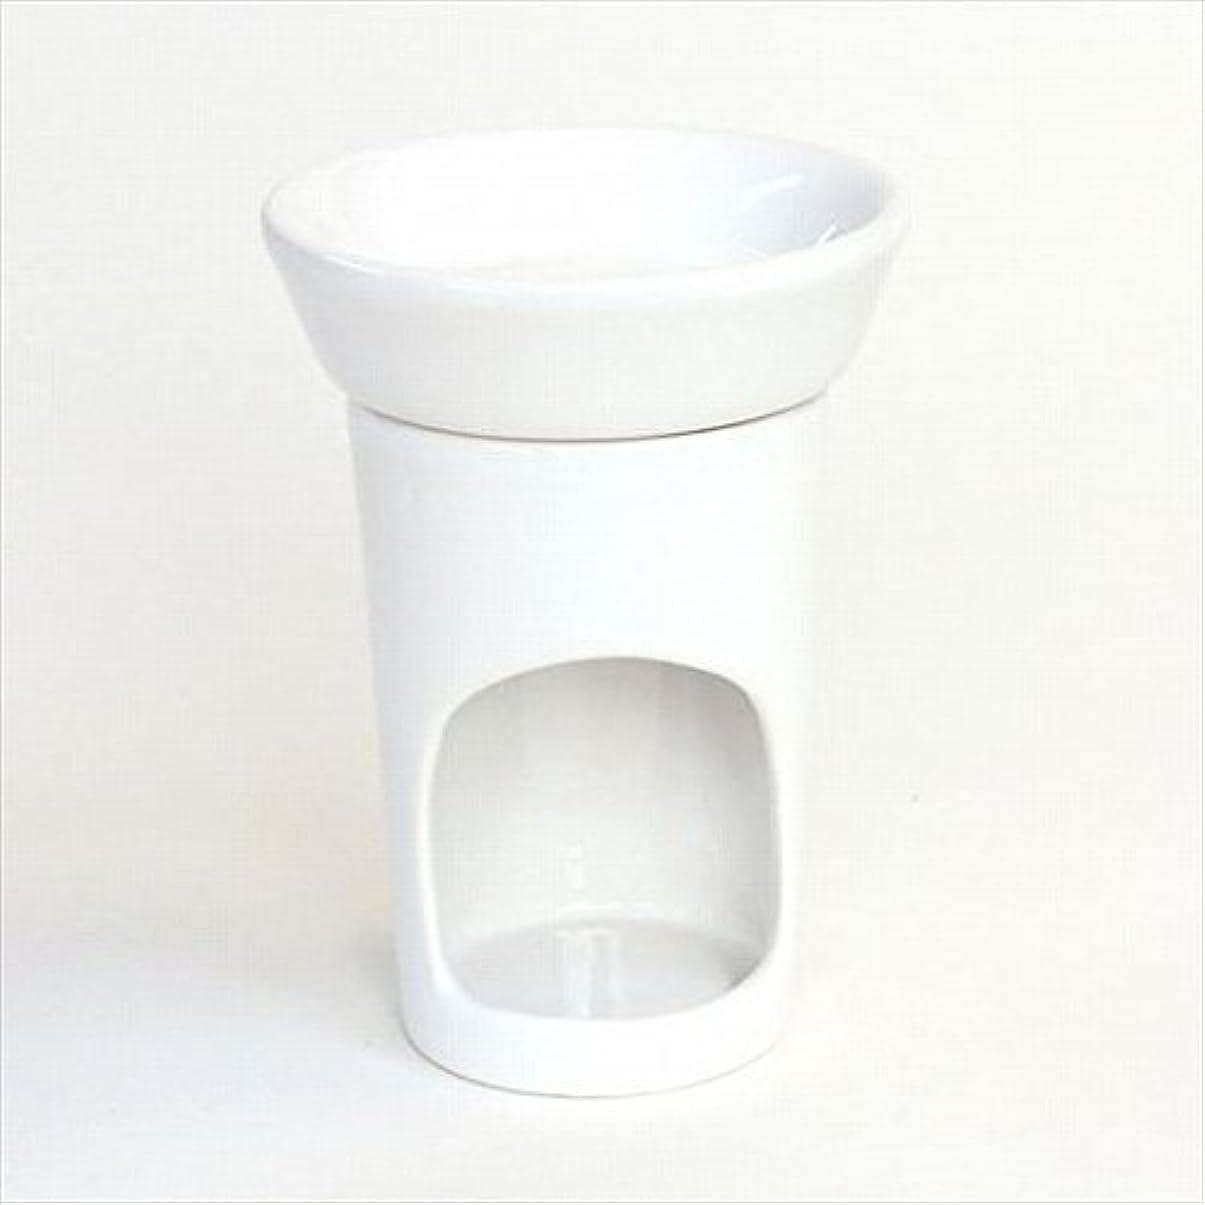 力強い廊下文化kameyama candle(カメヤマキャンドル) ブランタルトウォーマー キャンドル 78x78x116mm (J5250000)